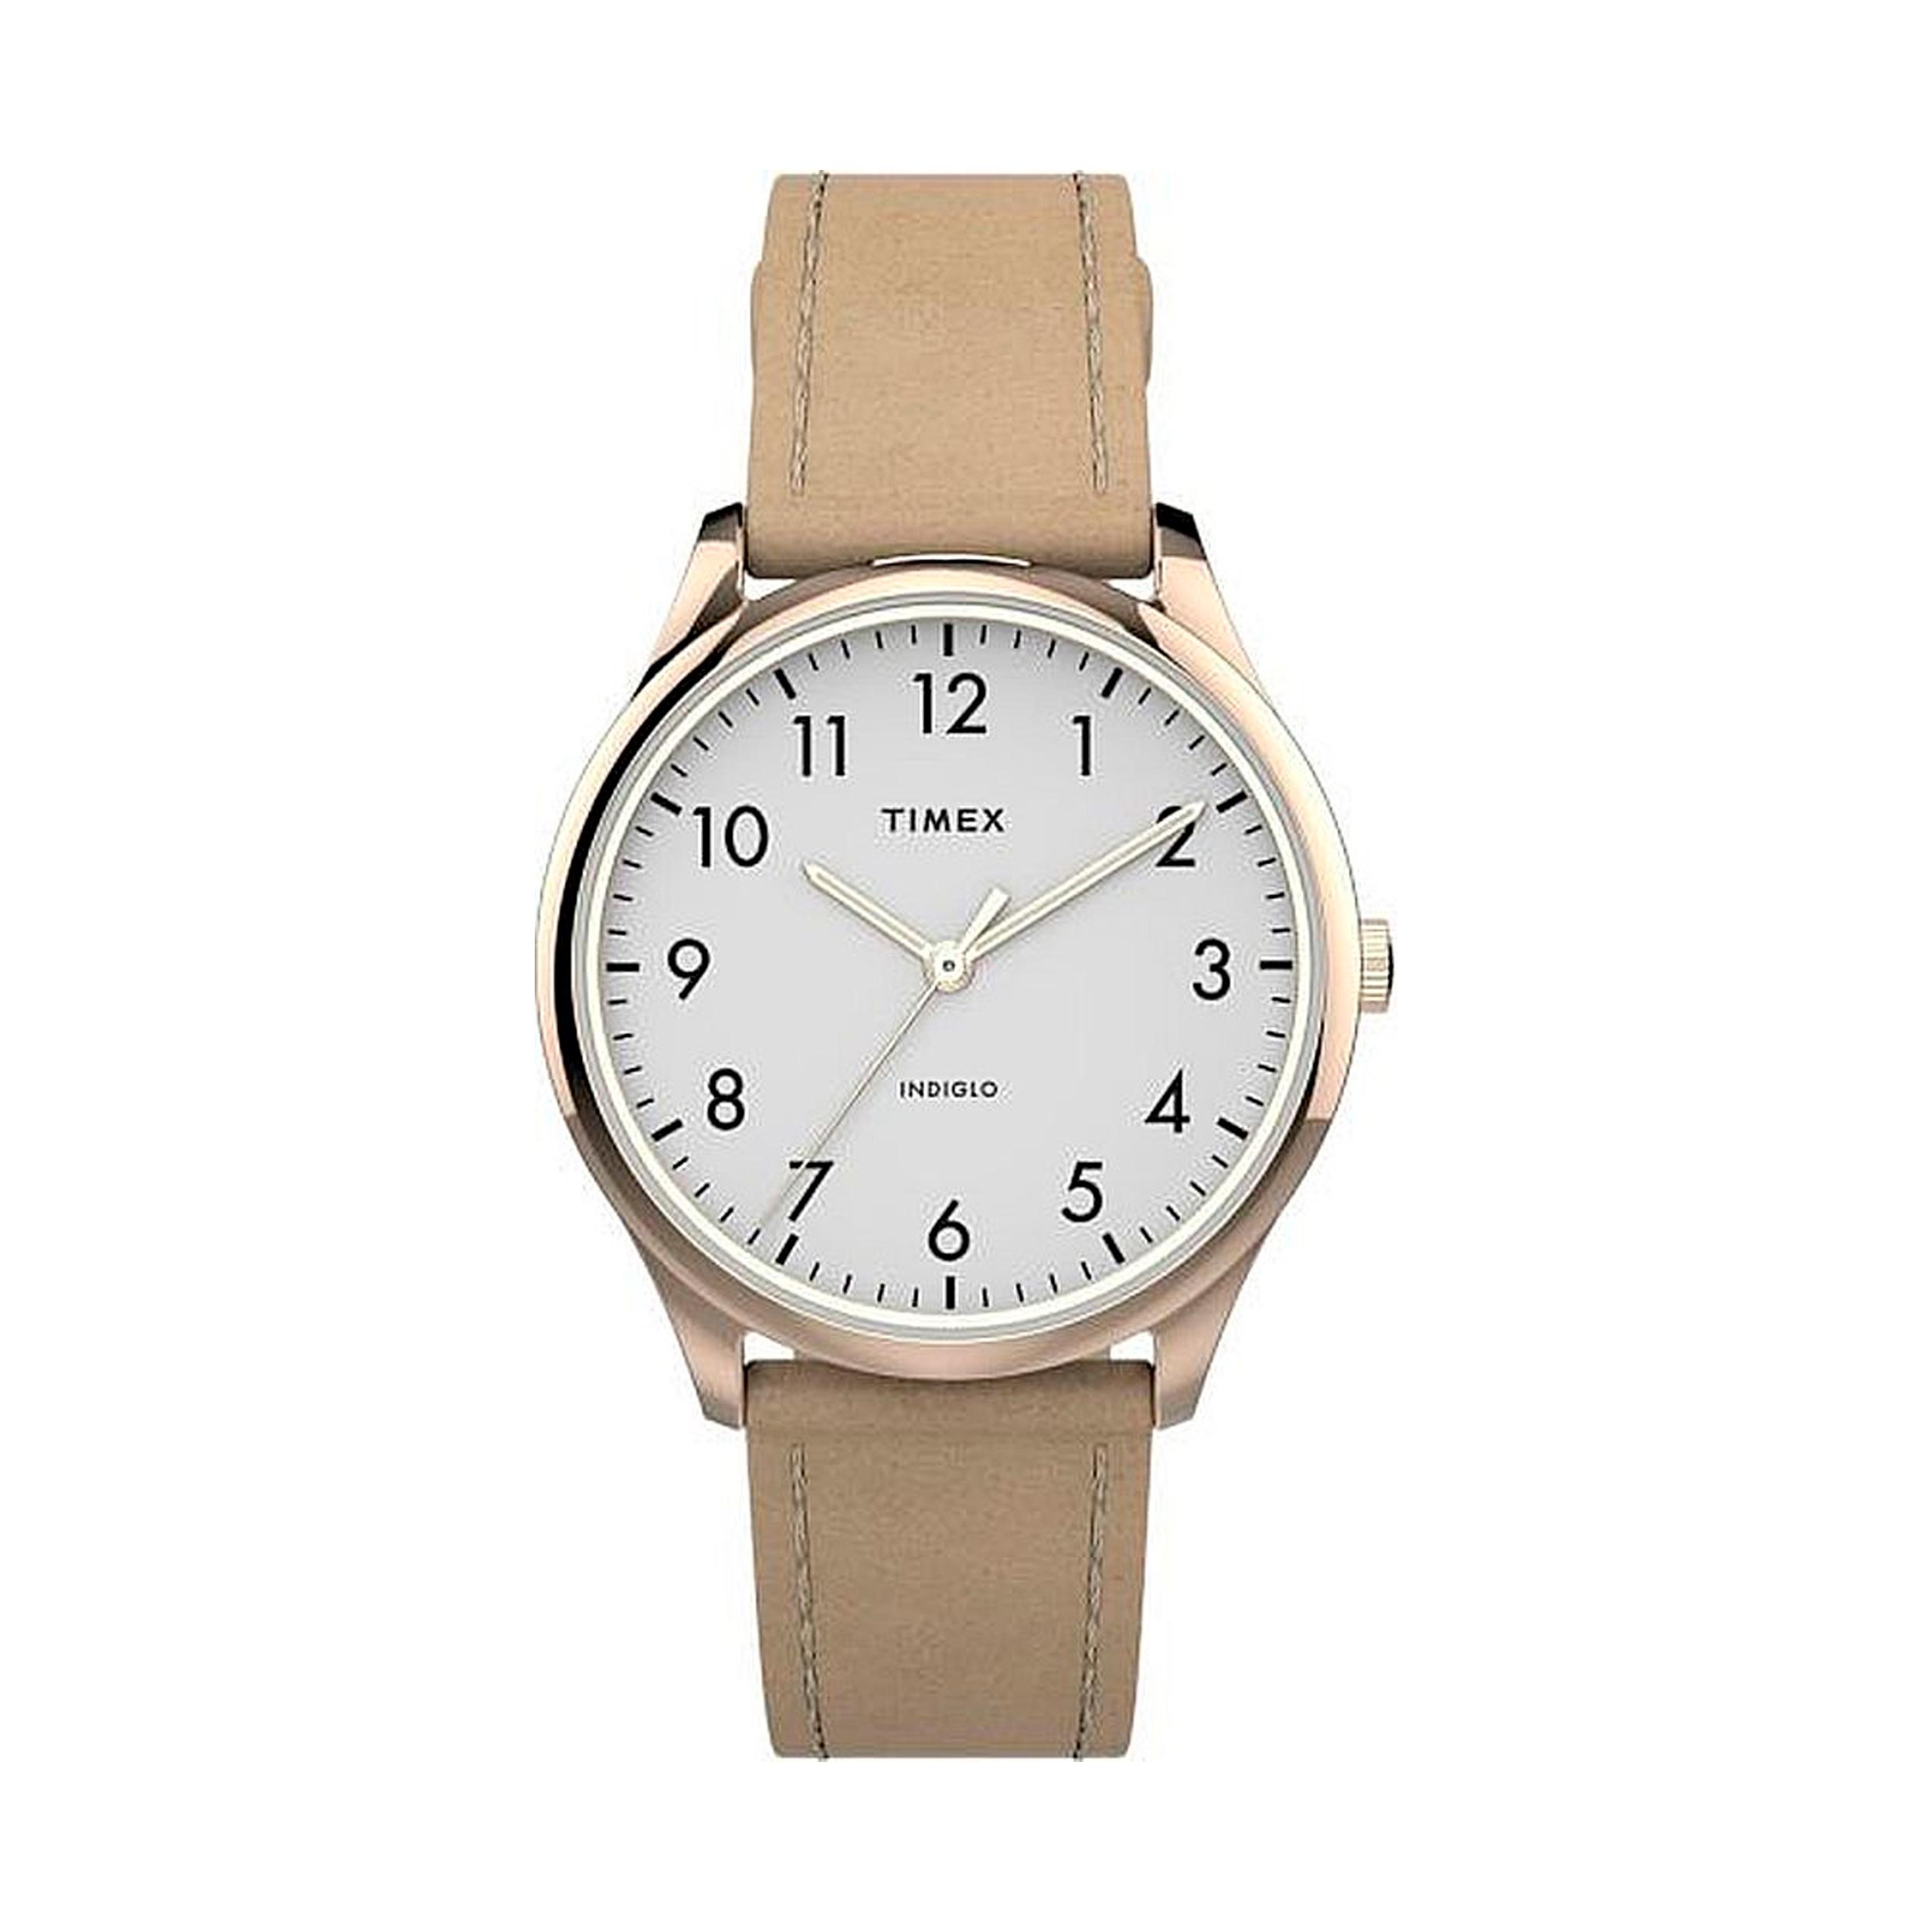 ساعت مچی عقربه ای زنانه تایمکس مدل TW2T72400